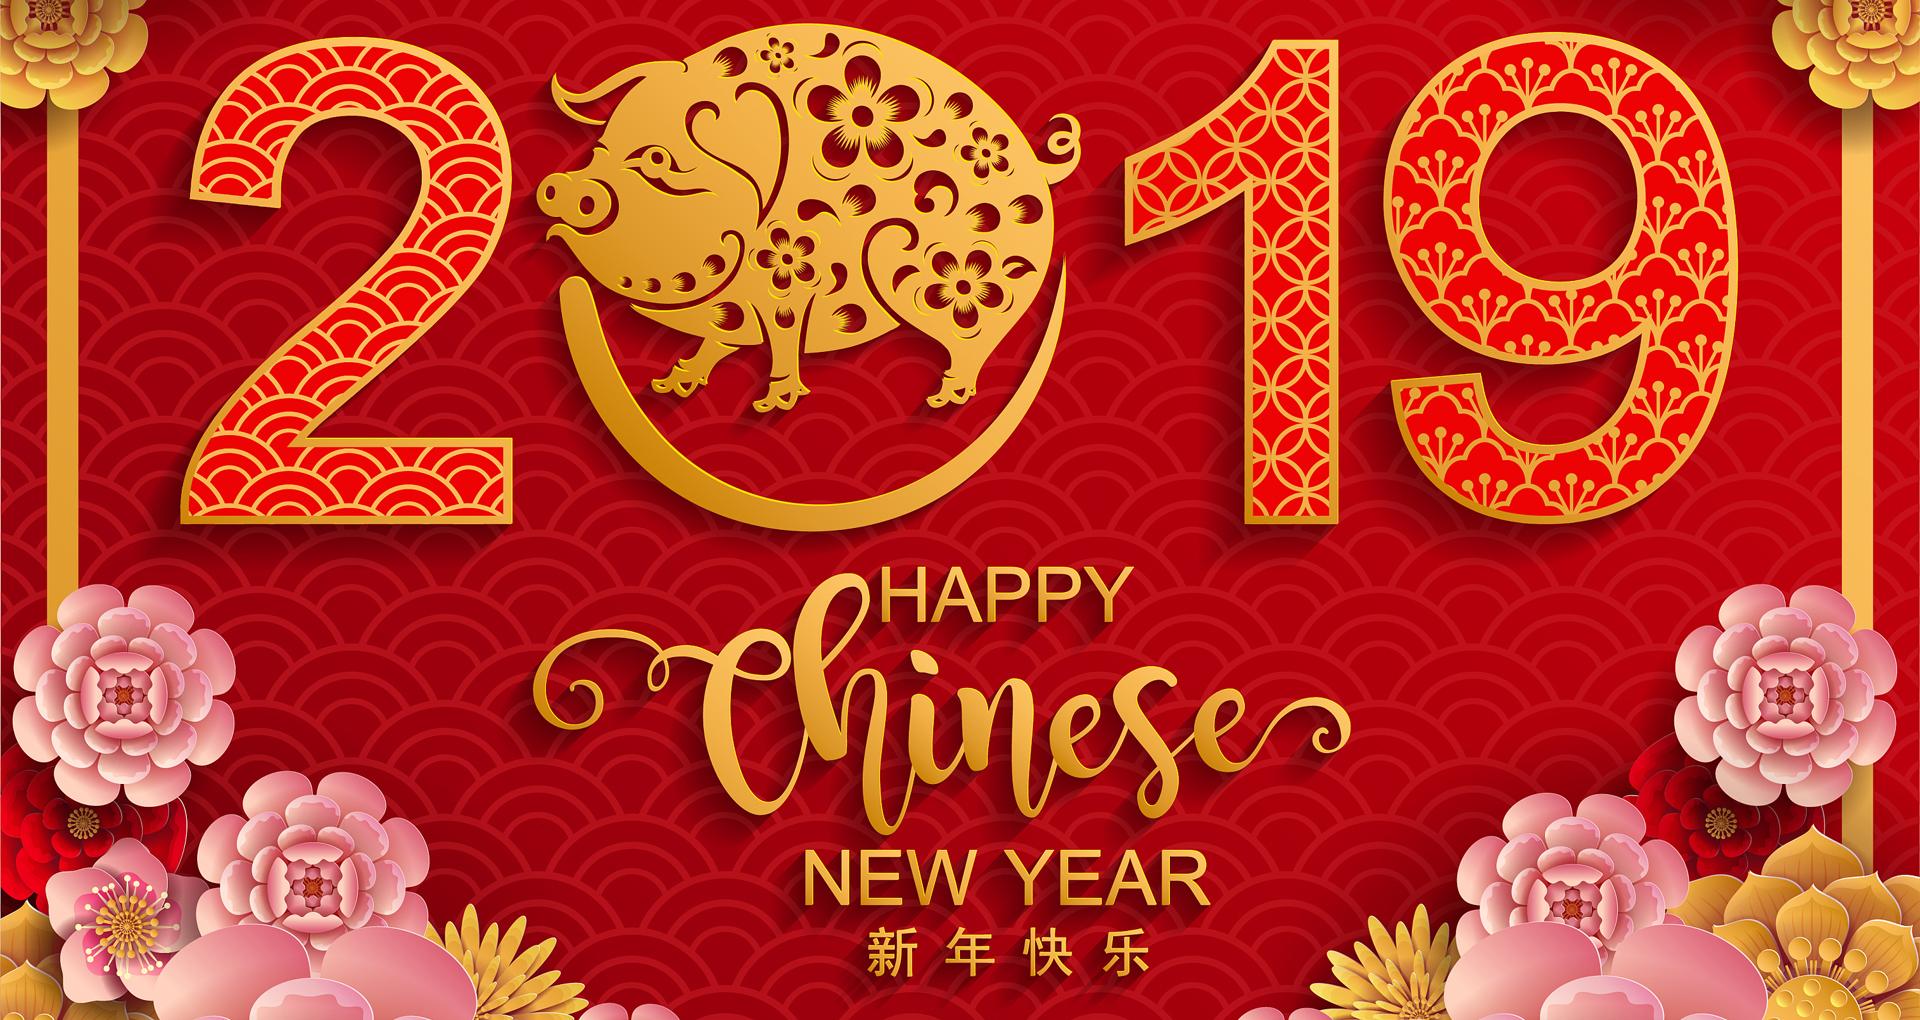 合创集团祝福各界朋友新年快乐!阖家平安!